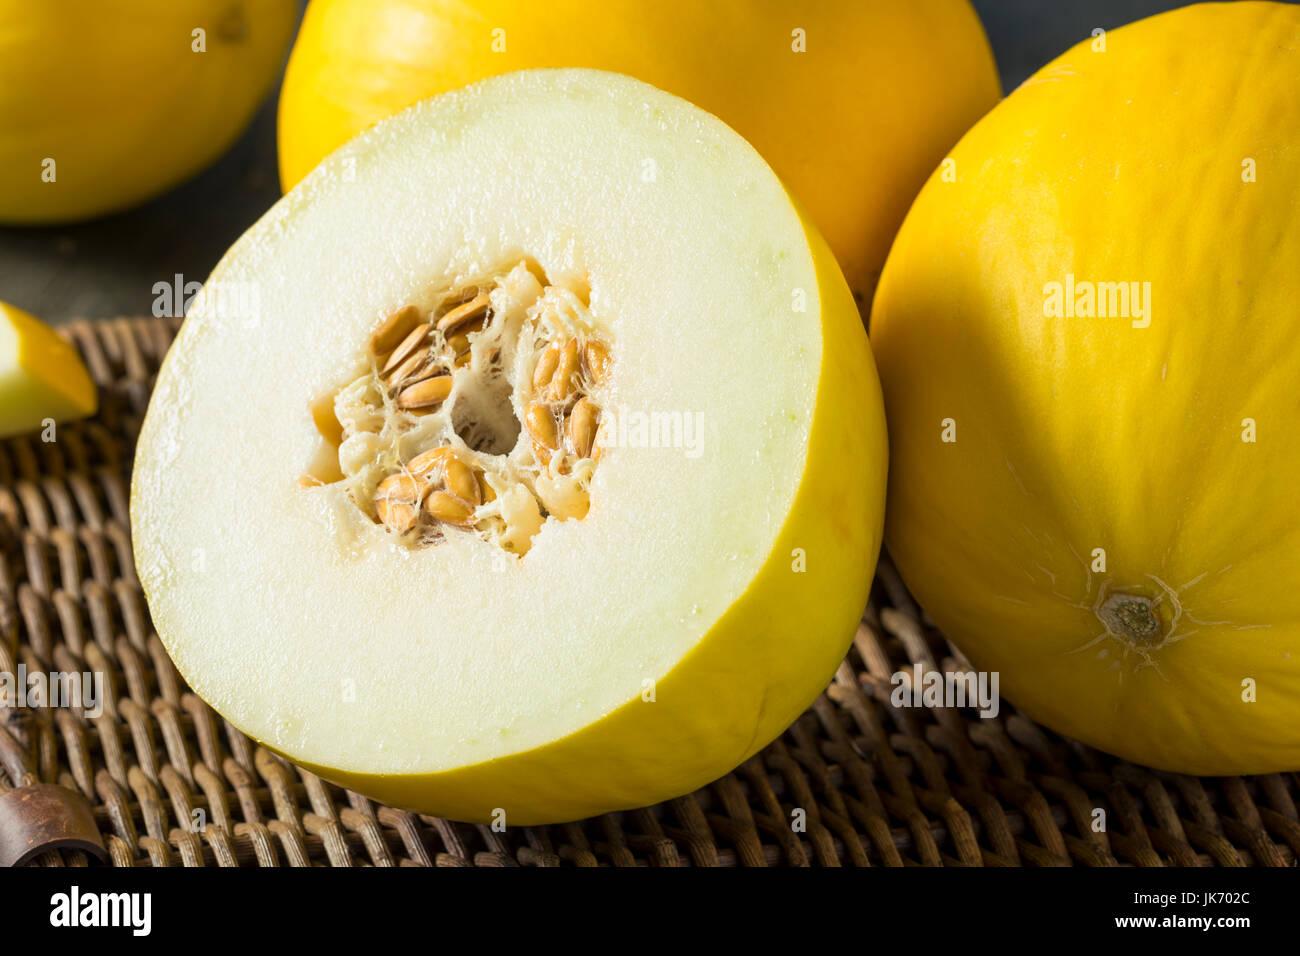 Melon jaune biologiques crus Honedew prêt à manger Photo Stock